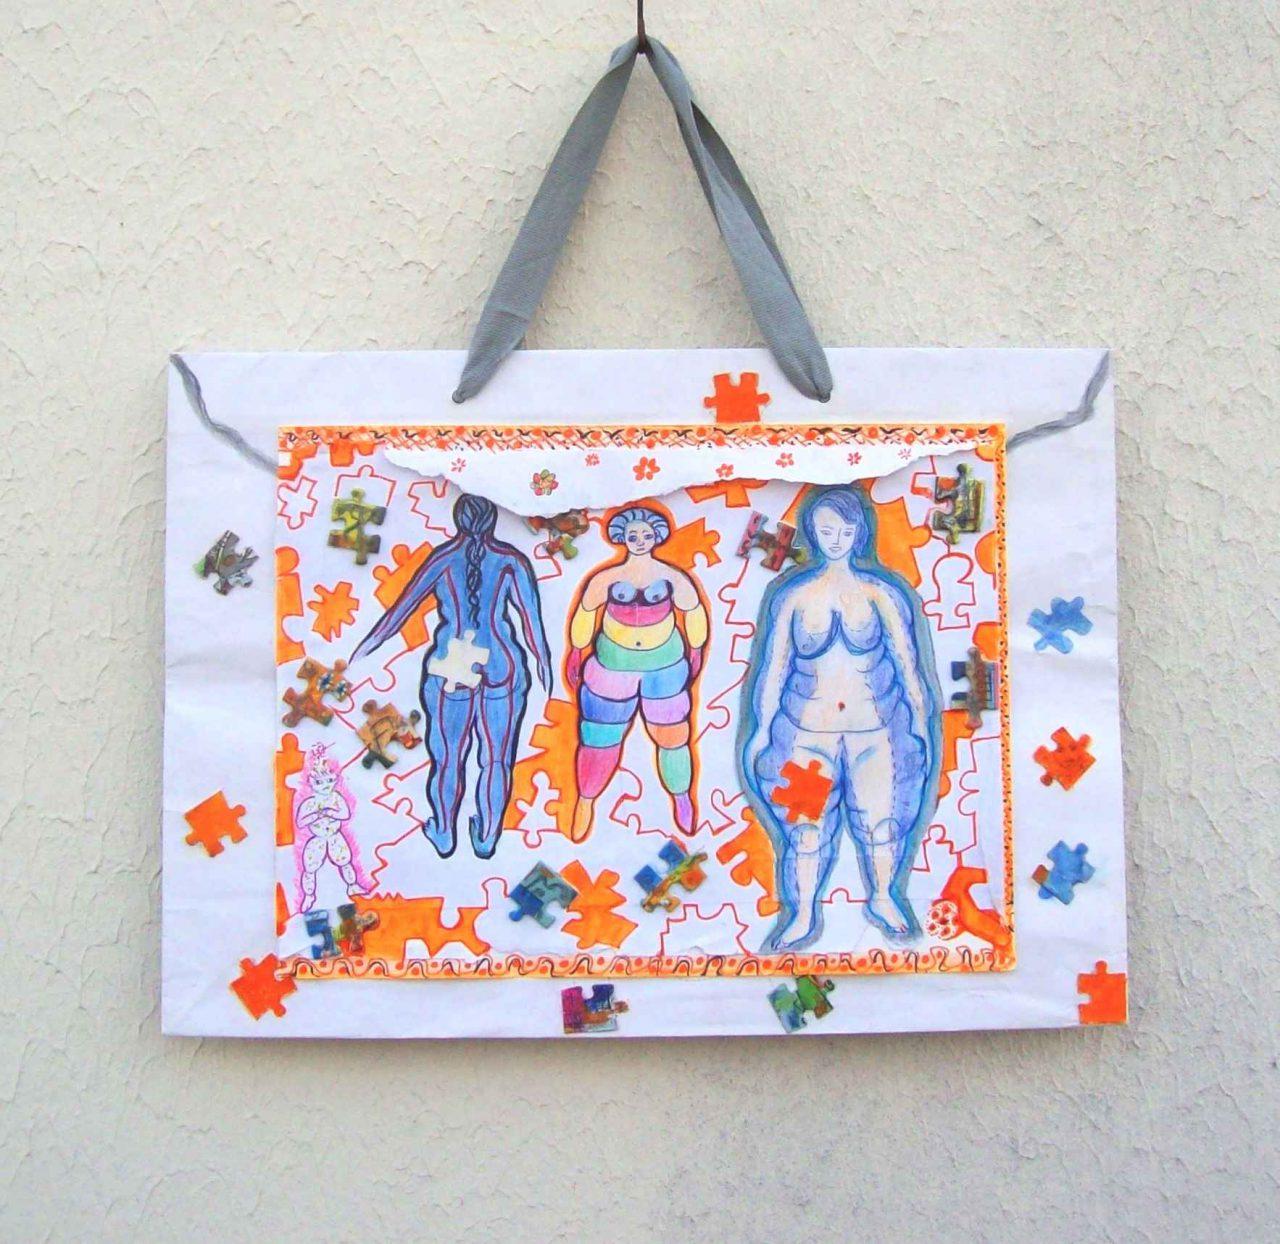 Envelopes and Russian dolls par Vinca Migot